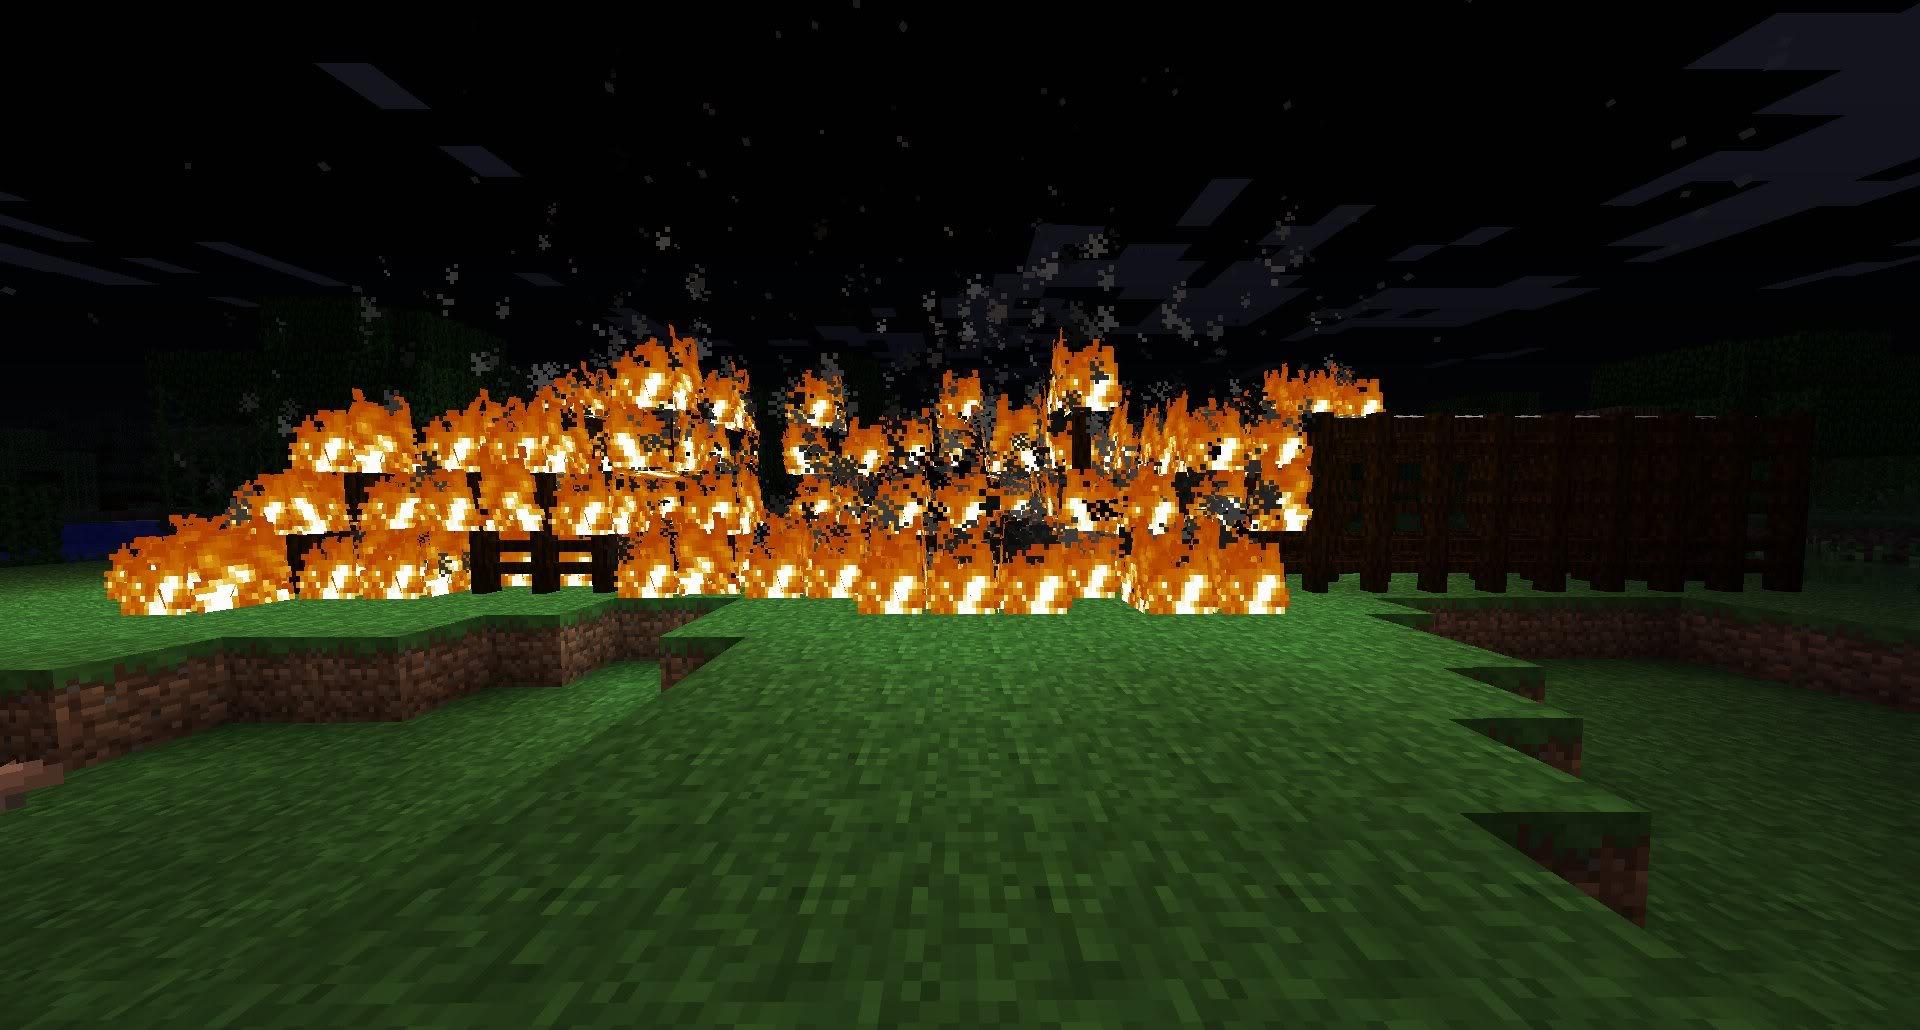 http://minecraft-forum.net/wp-content/uploads/2012/11/1748b__Railcraft-Mod-6.jpg